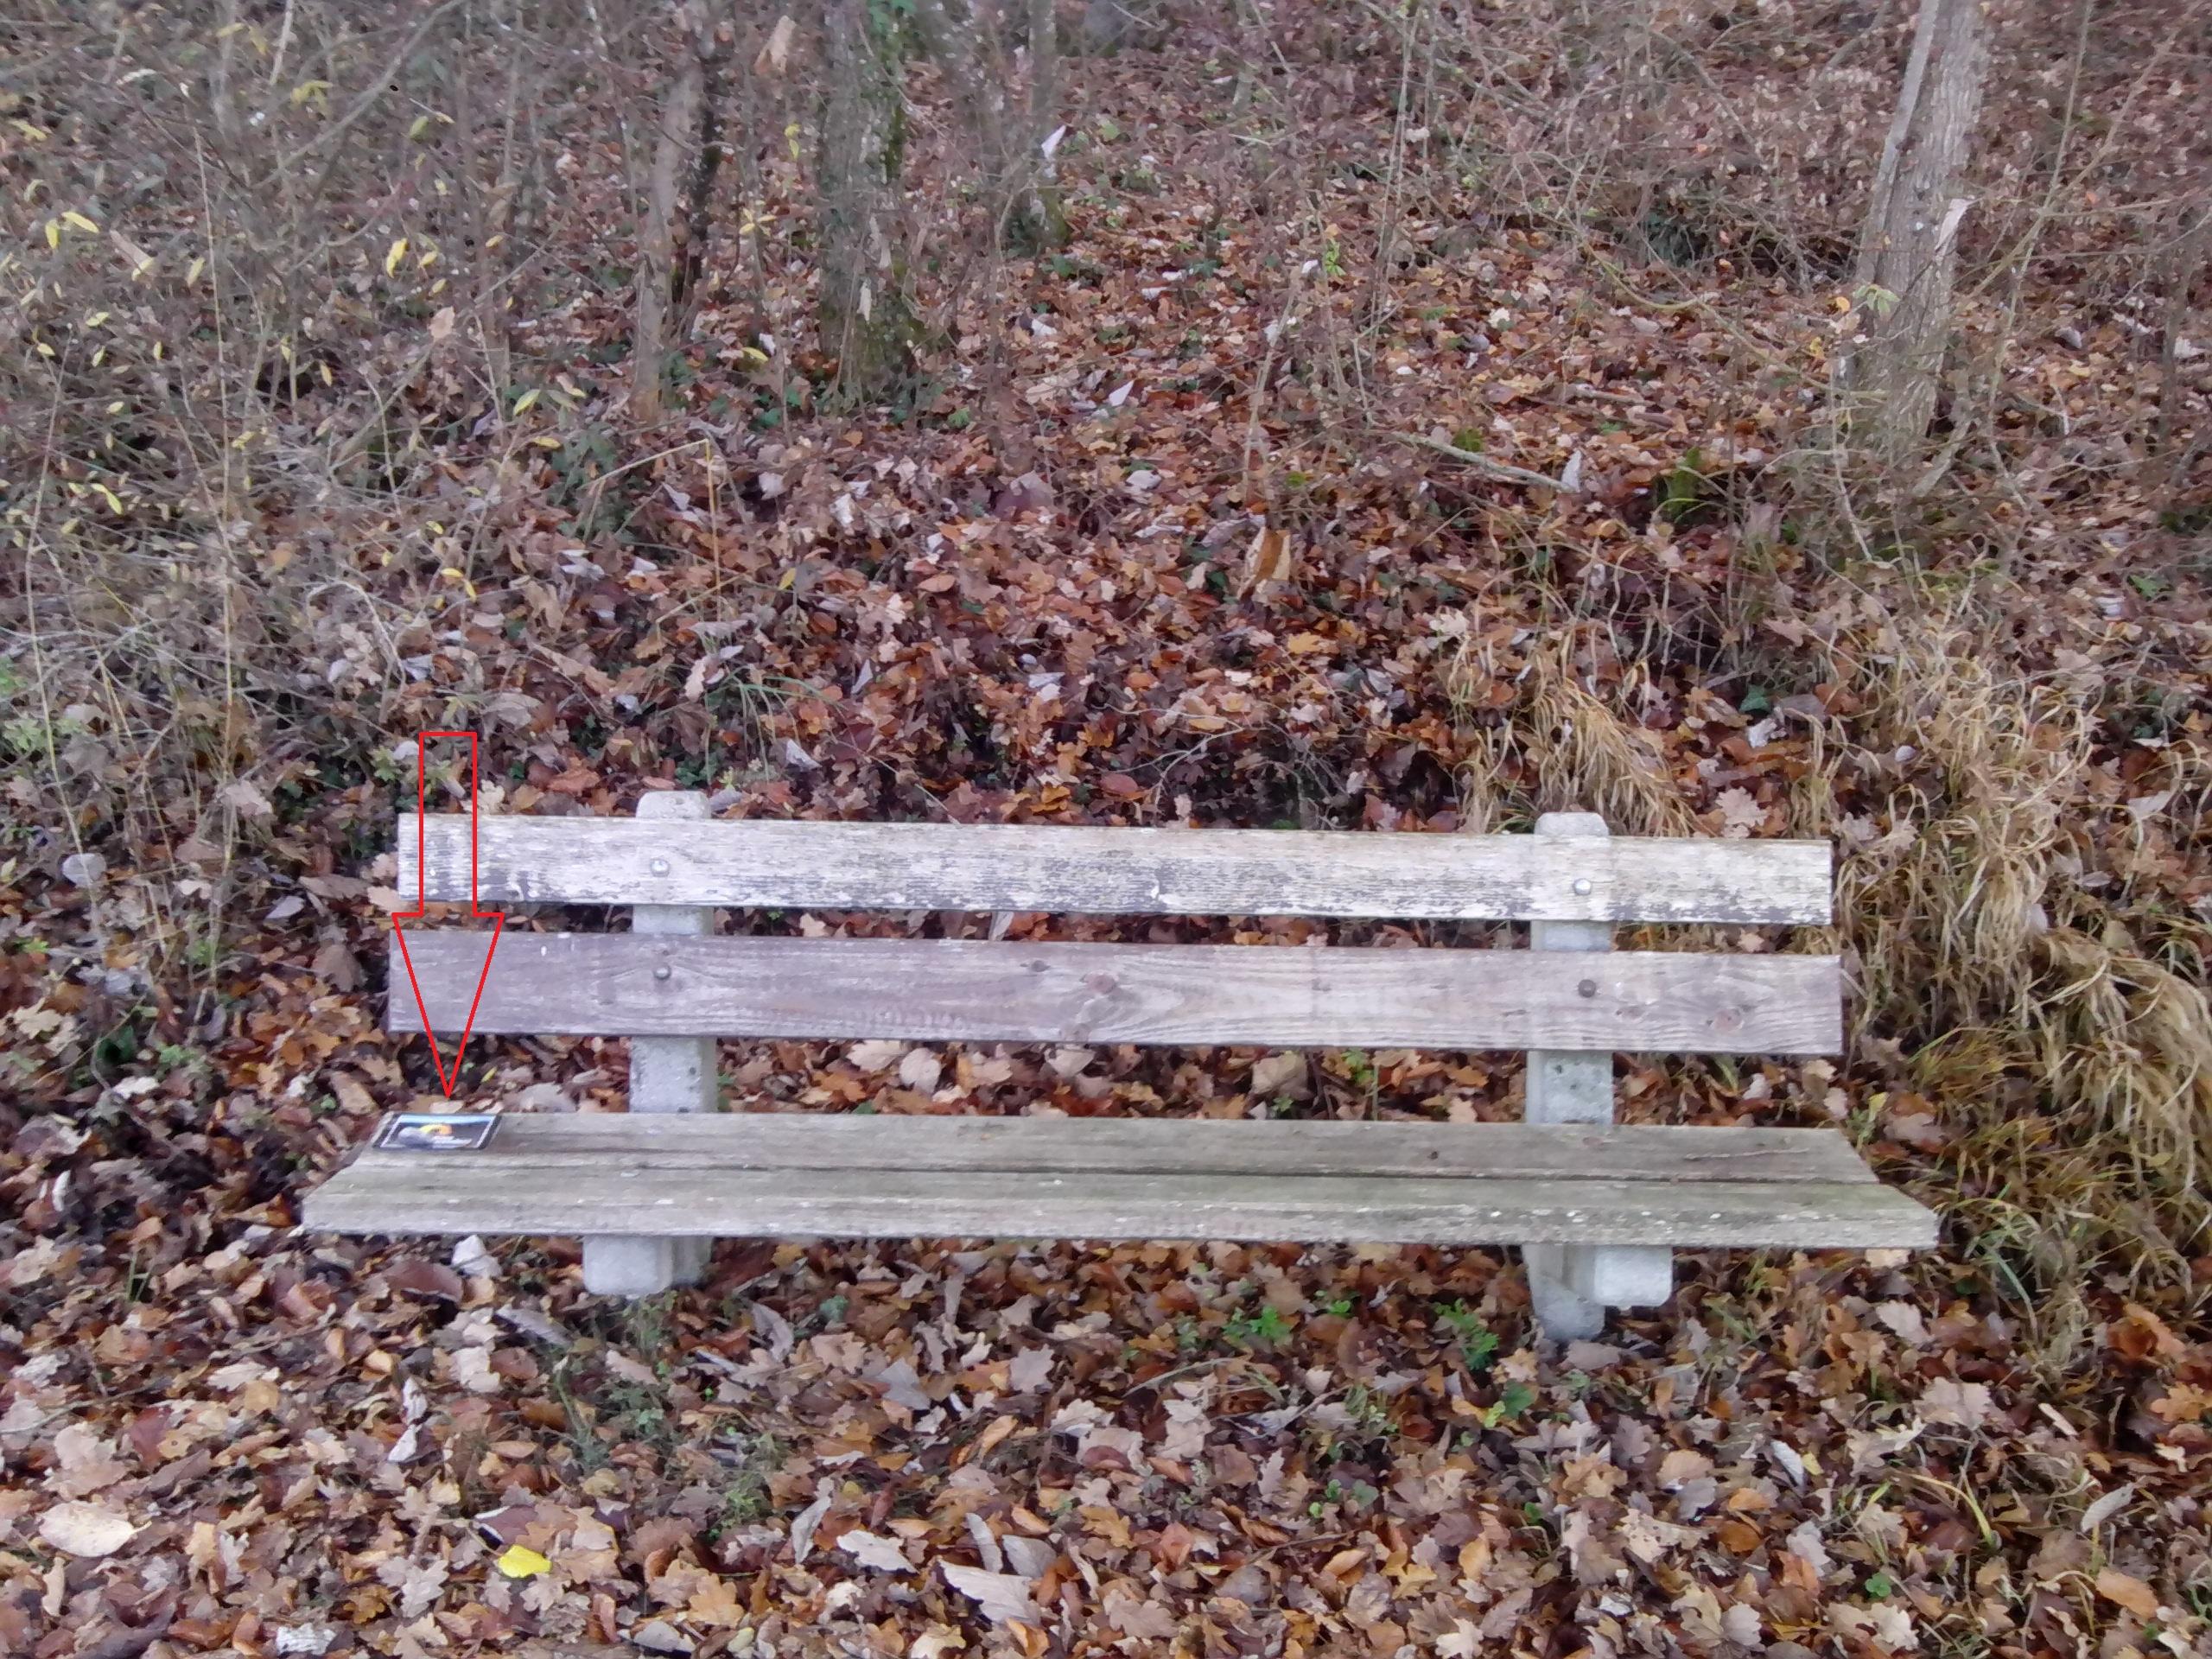 'Vergessenes' auf einem Bänkli beim heutigen Spaziergang